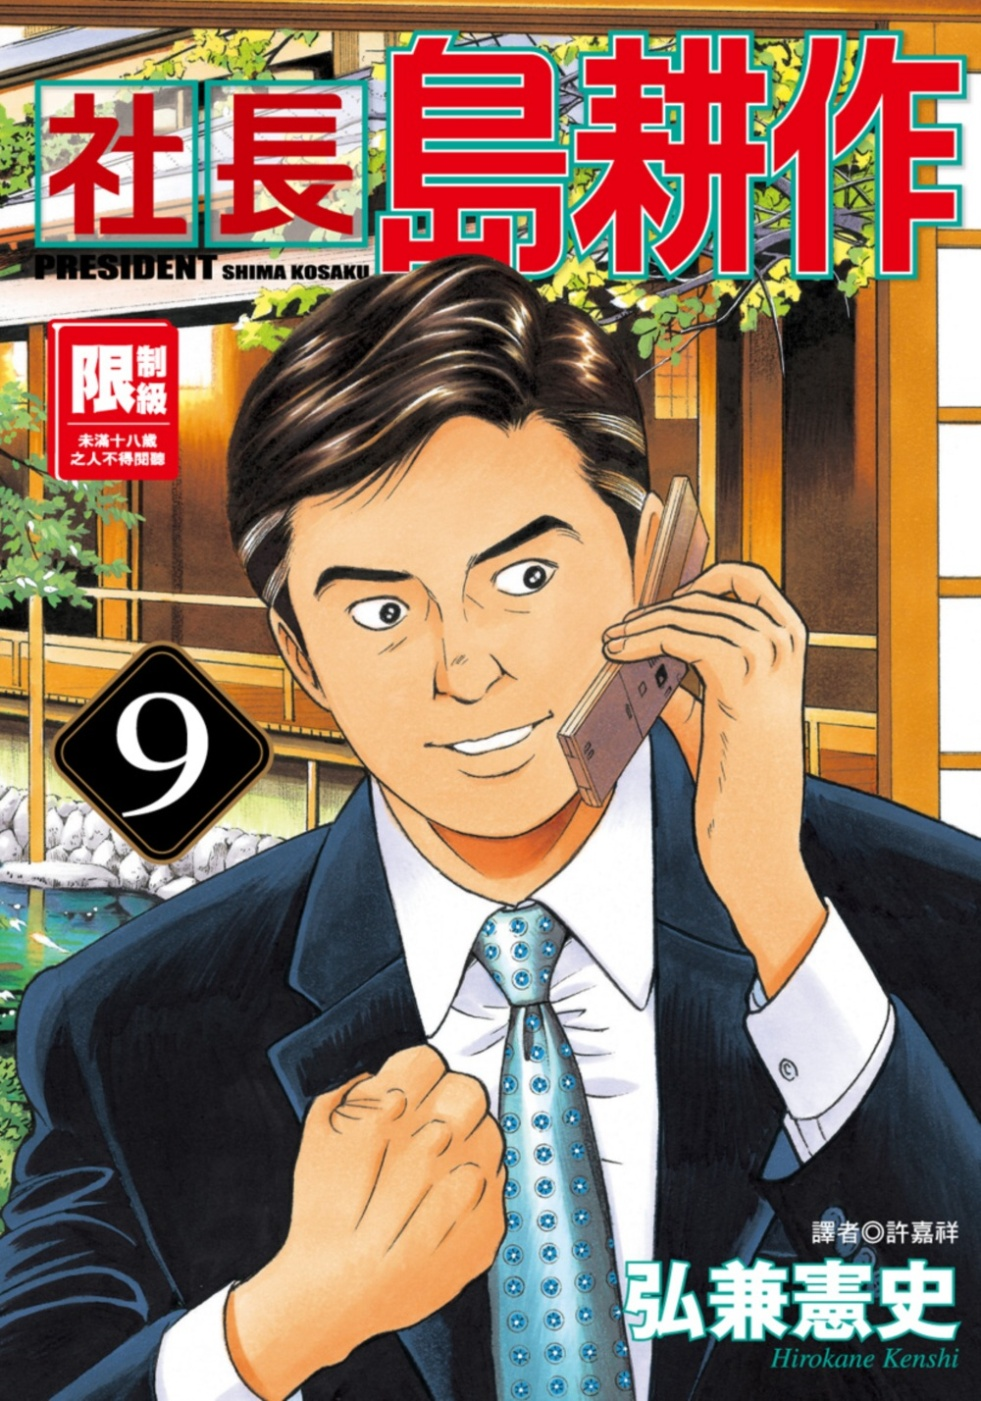 社長島耕作(09)(限台灣)